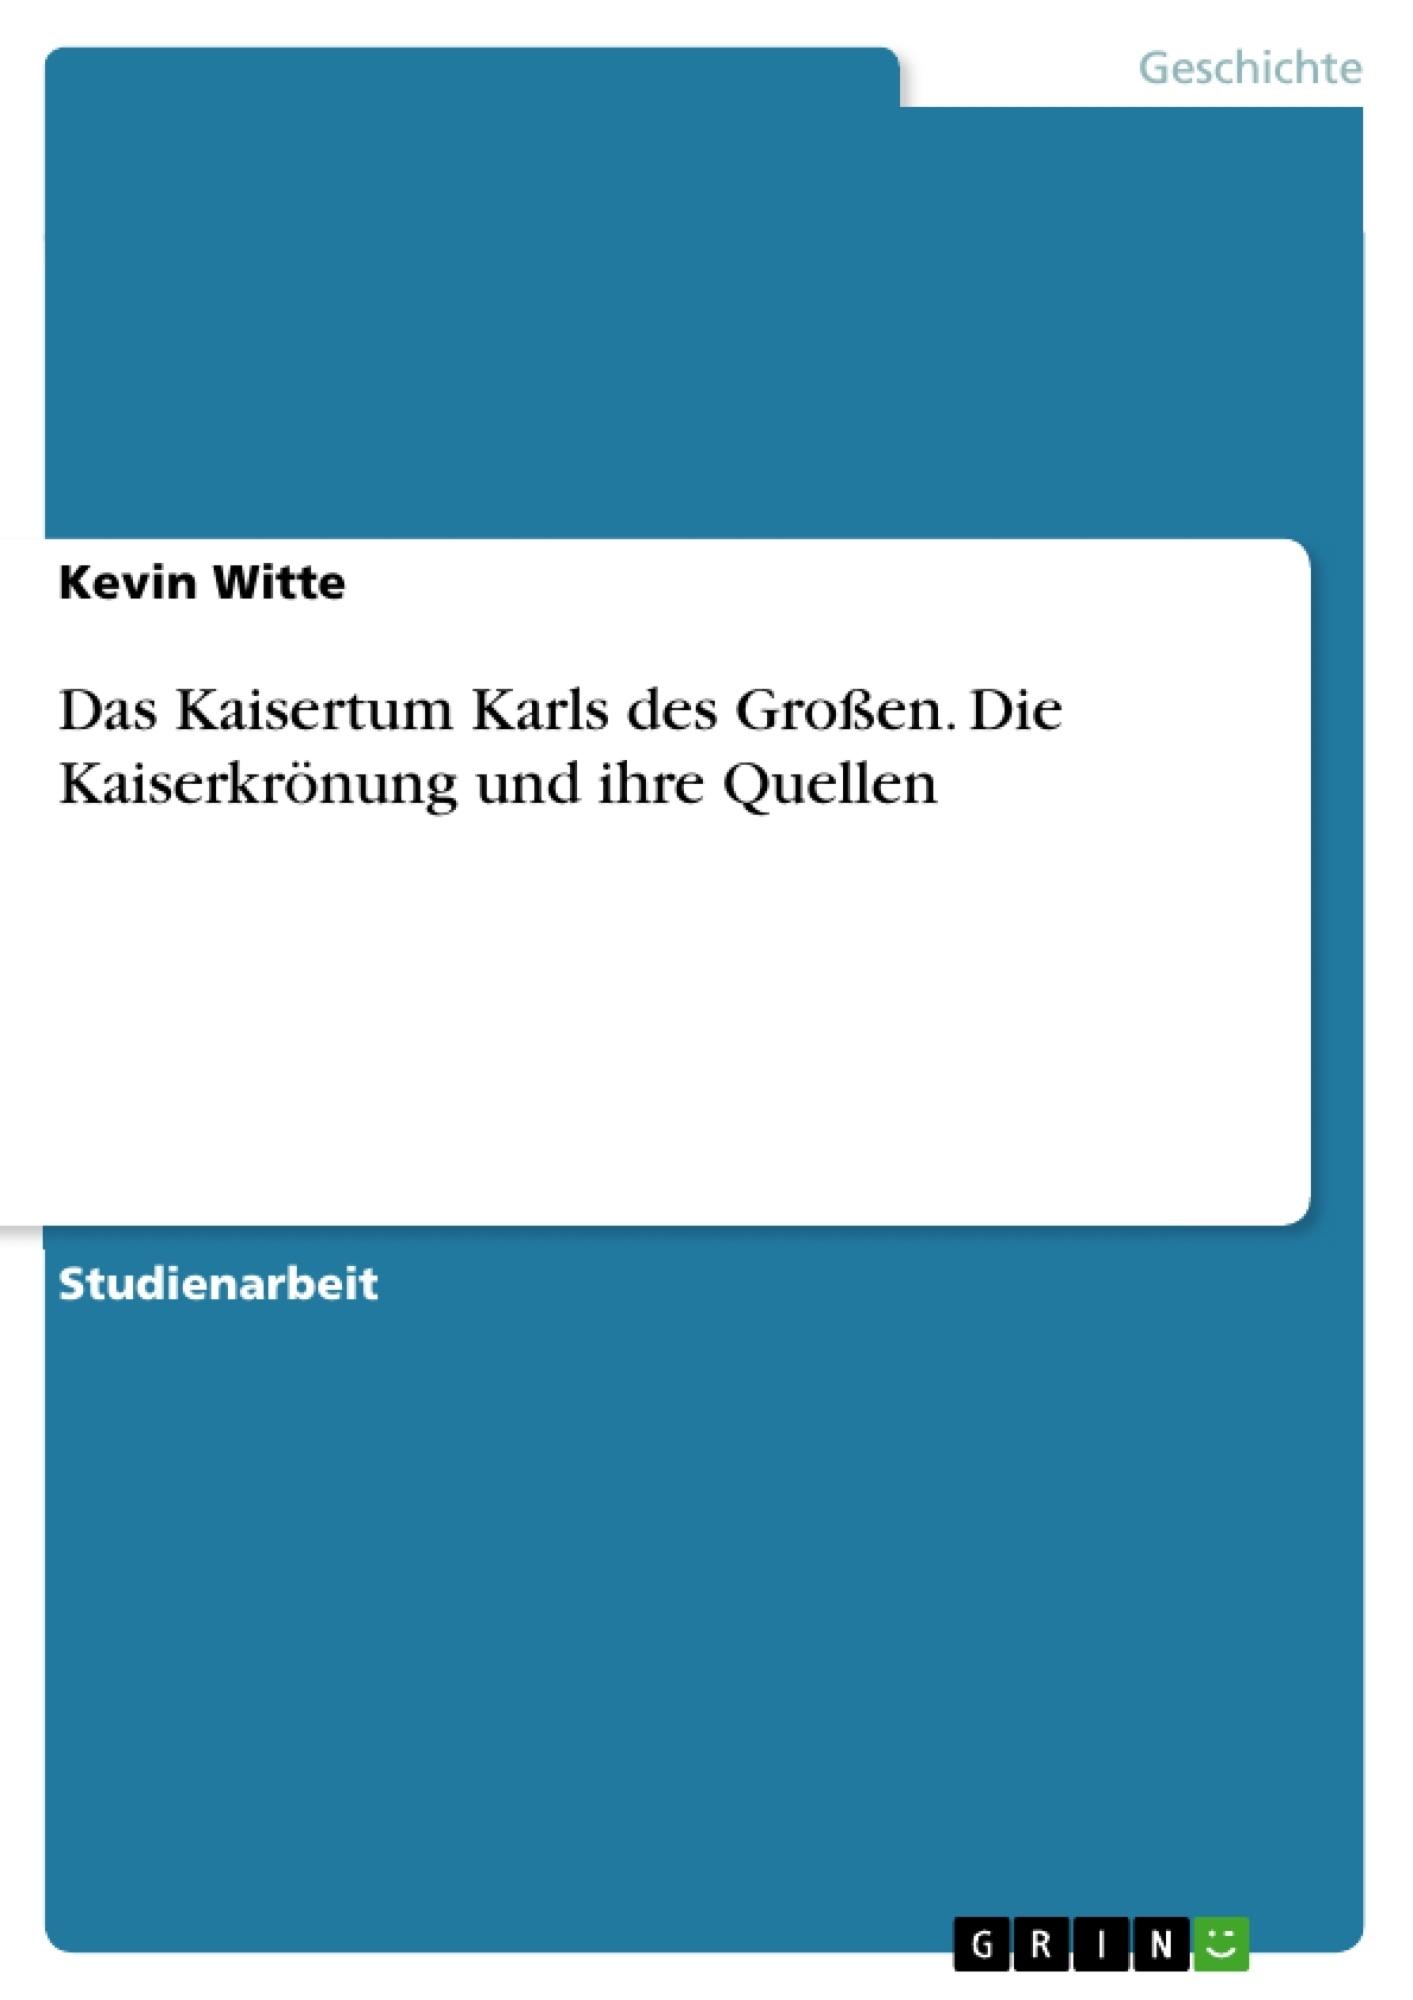 Titel: Das Kaisertum Karls des Großen. Die Kaiserkrönung und ihre Quellen